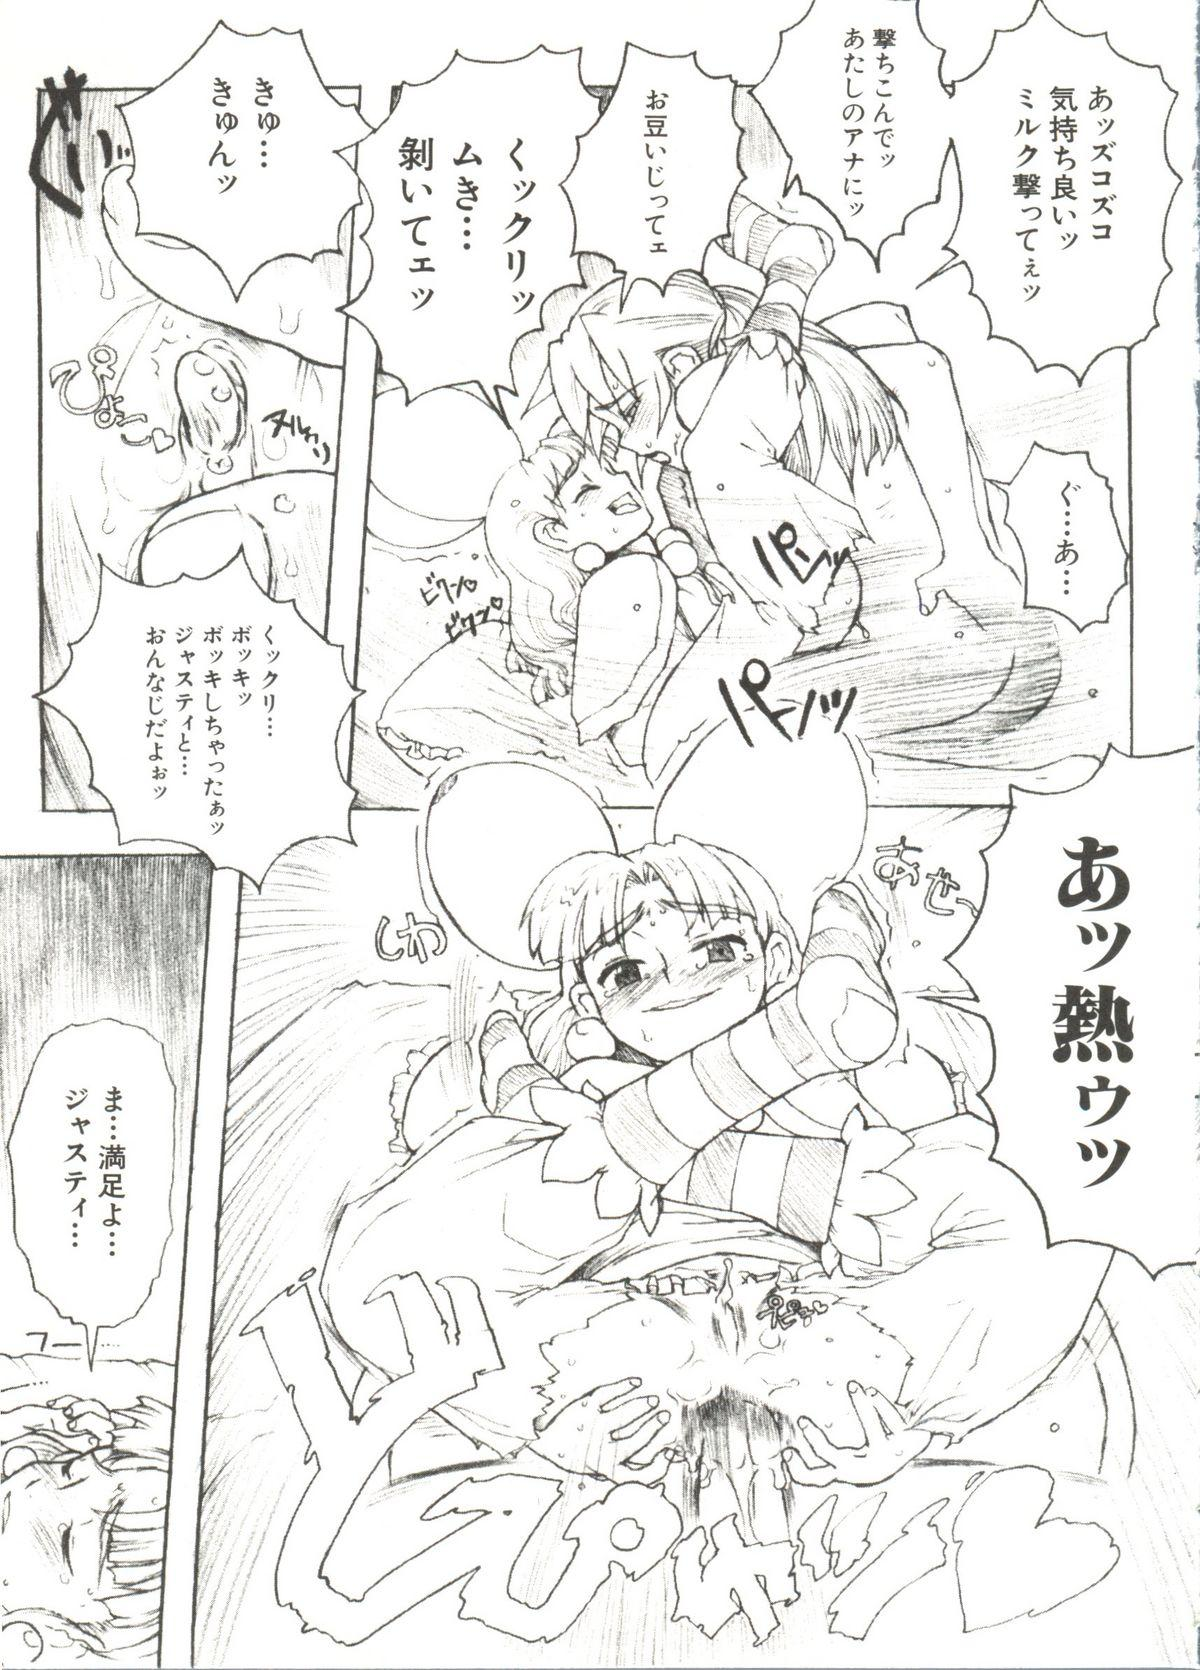 Denei Tamate Bako Bishoujo Doujinshi Anthology Vol. 2 - Nishinhou no Tenshi 122